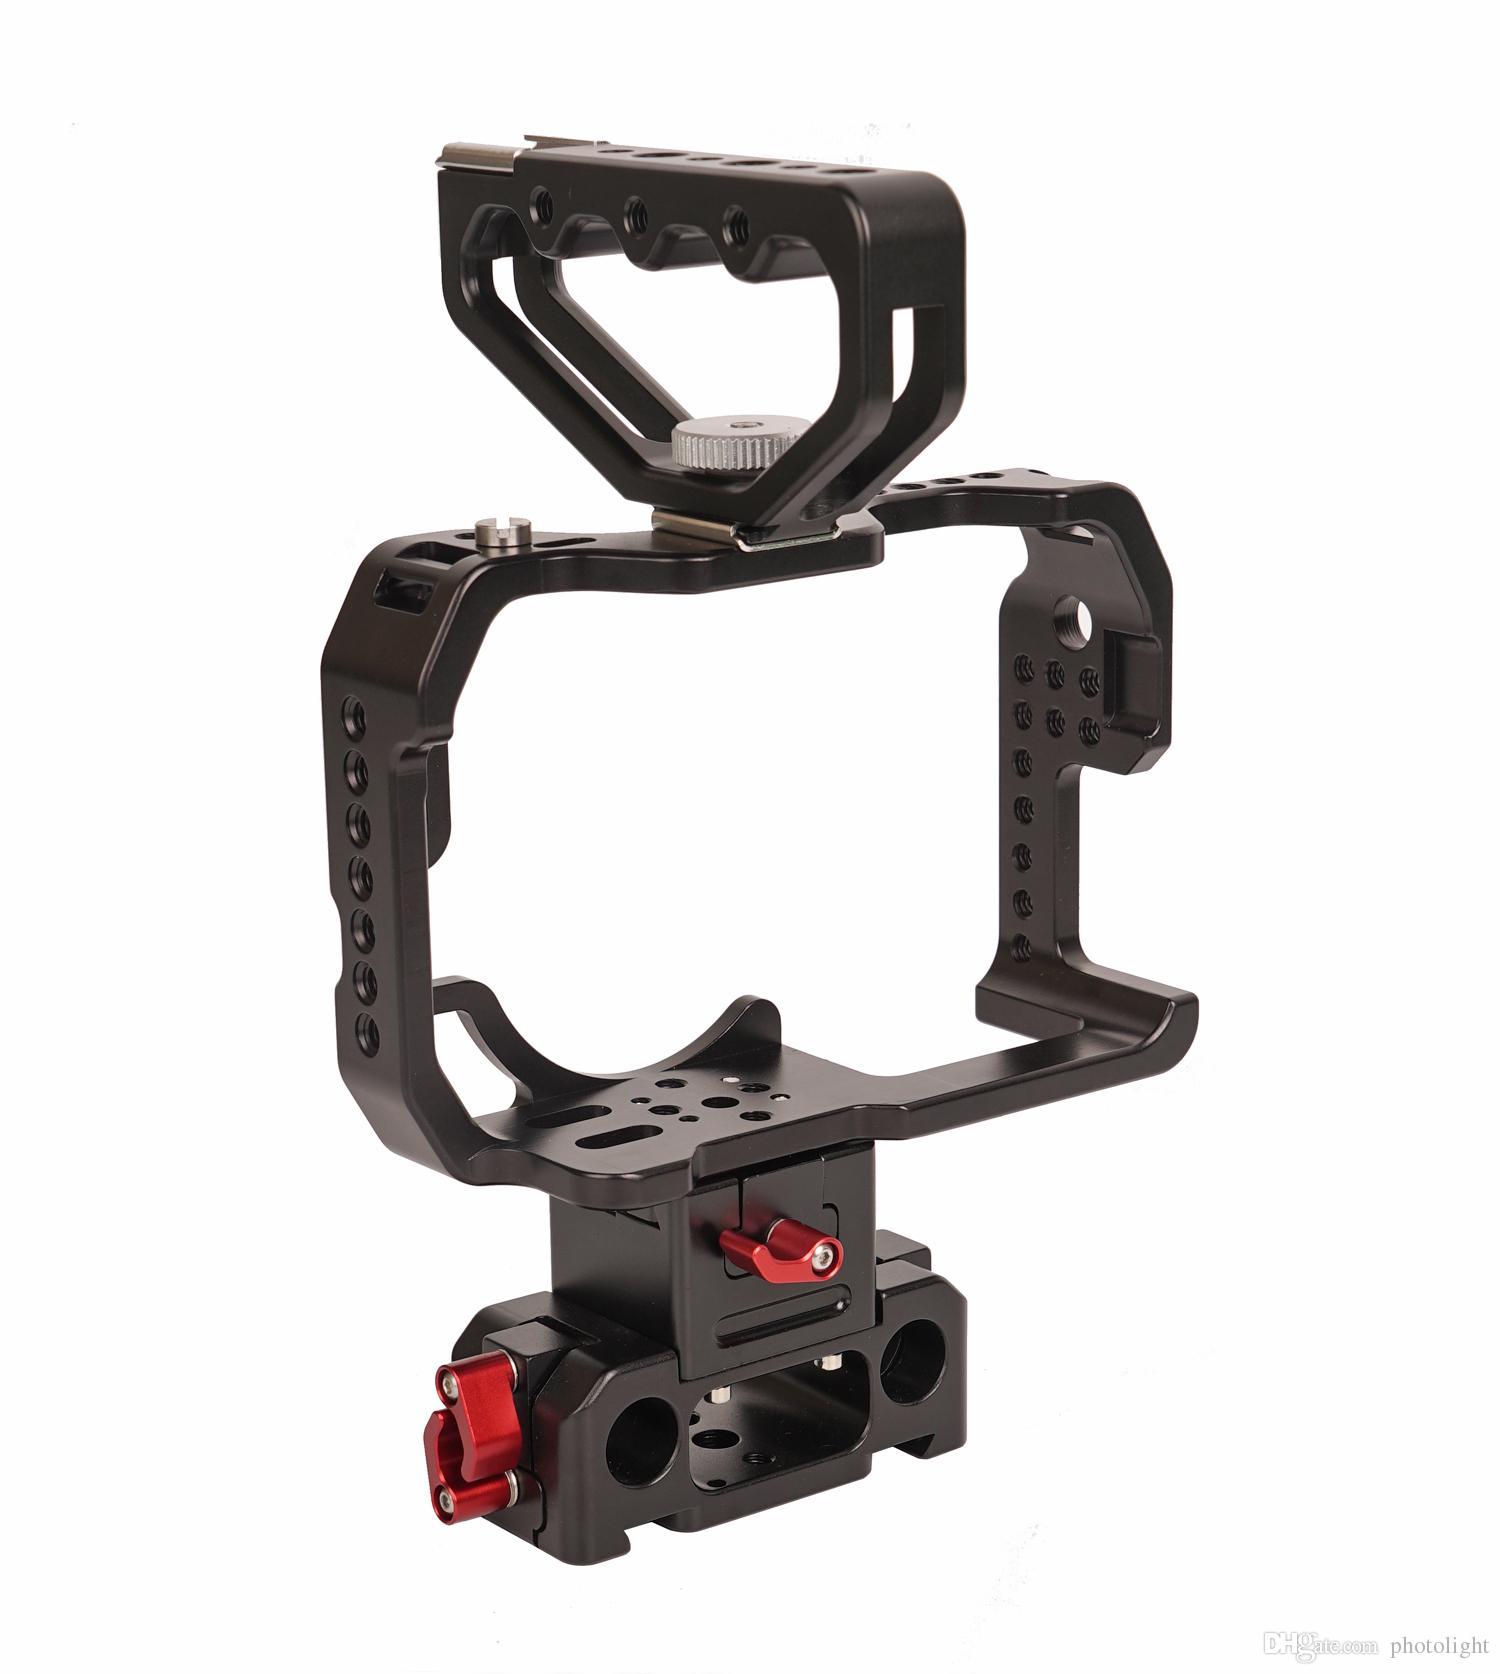 Gaiola de proteção CAME-TV para equipamento de câmera GH4 com cabo HT-GH4